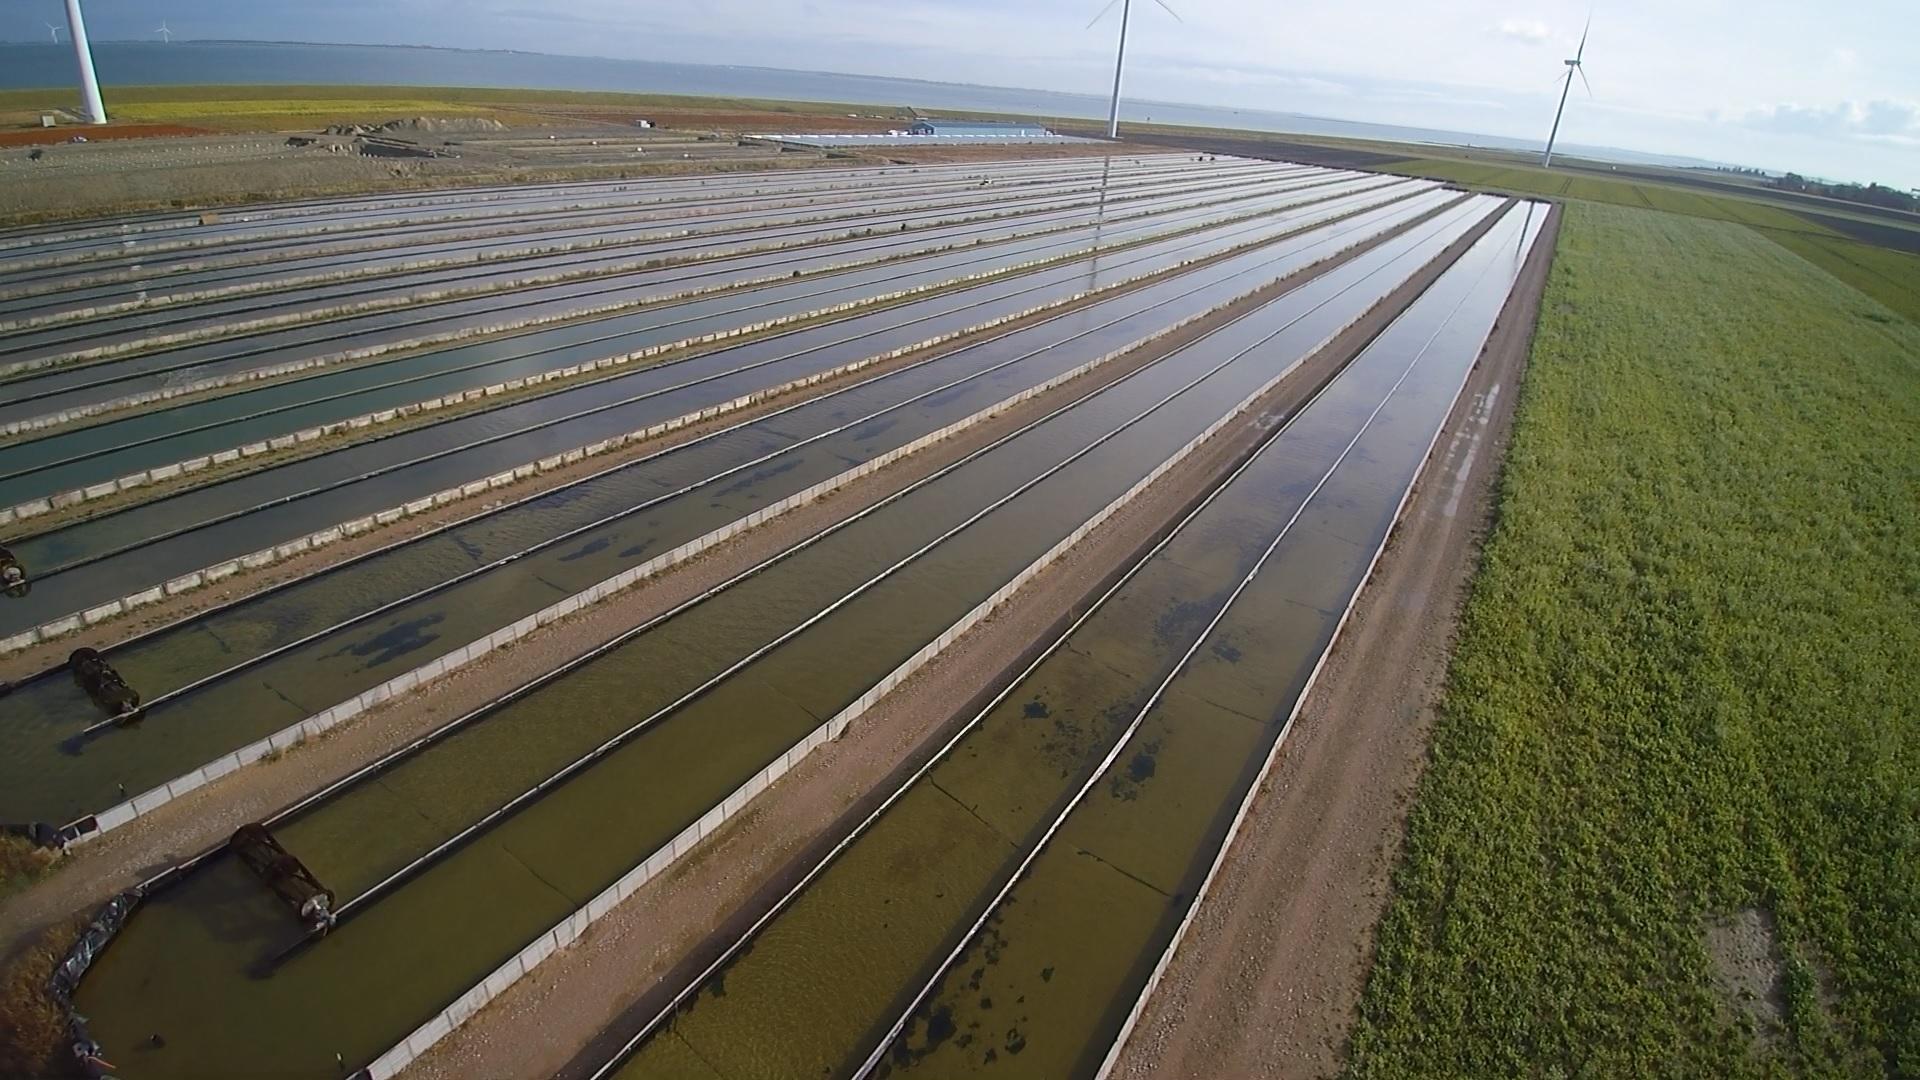 Delta Farms - Aquaculture